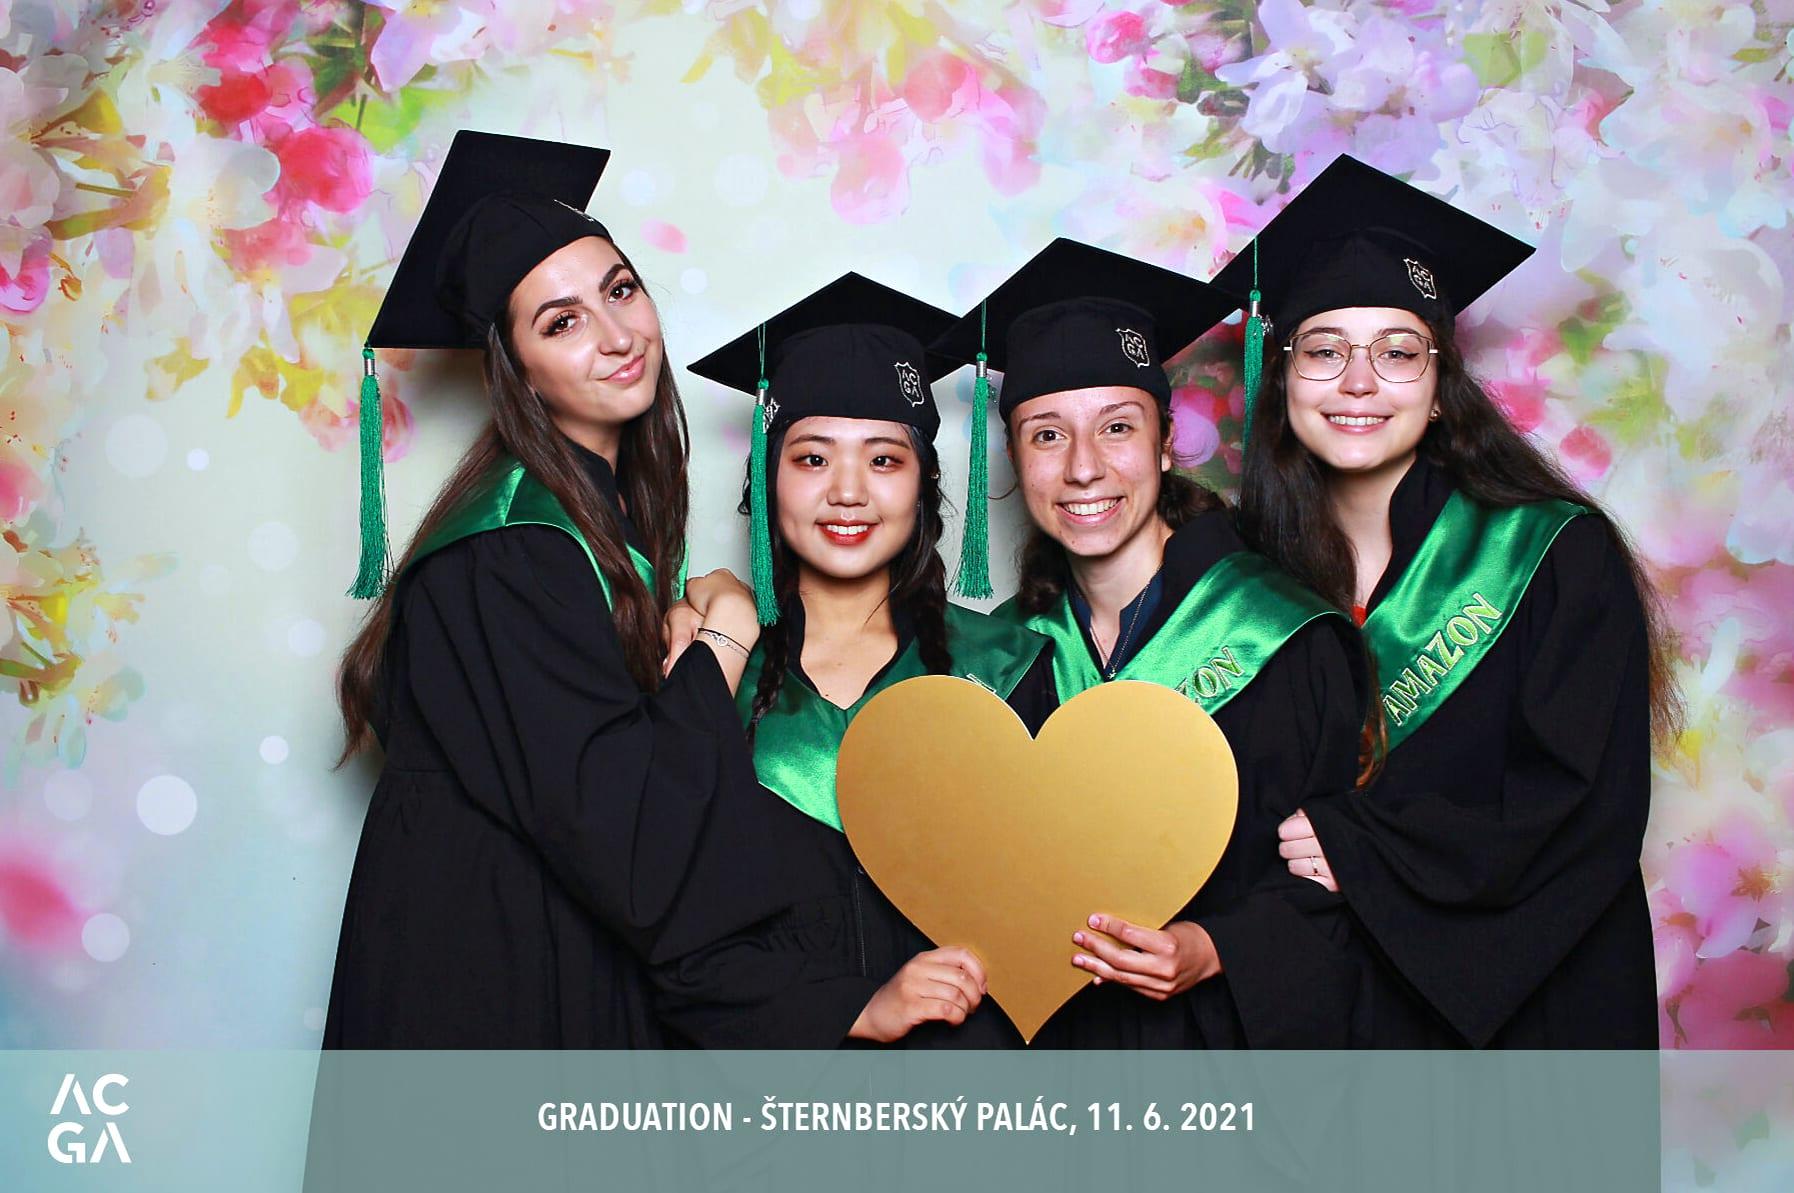 fotokoutek-acga-graduation-11-6-2021-732890